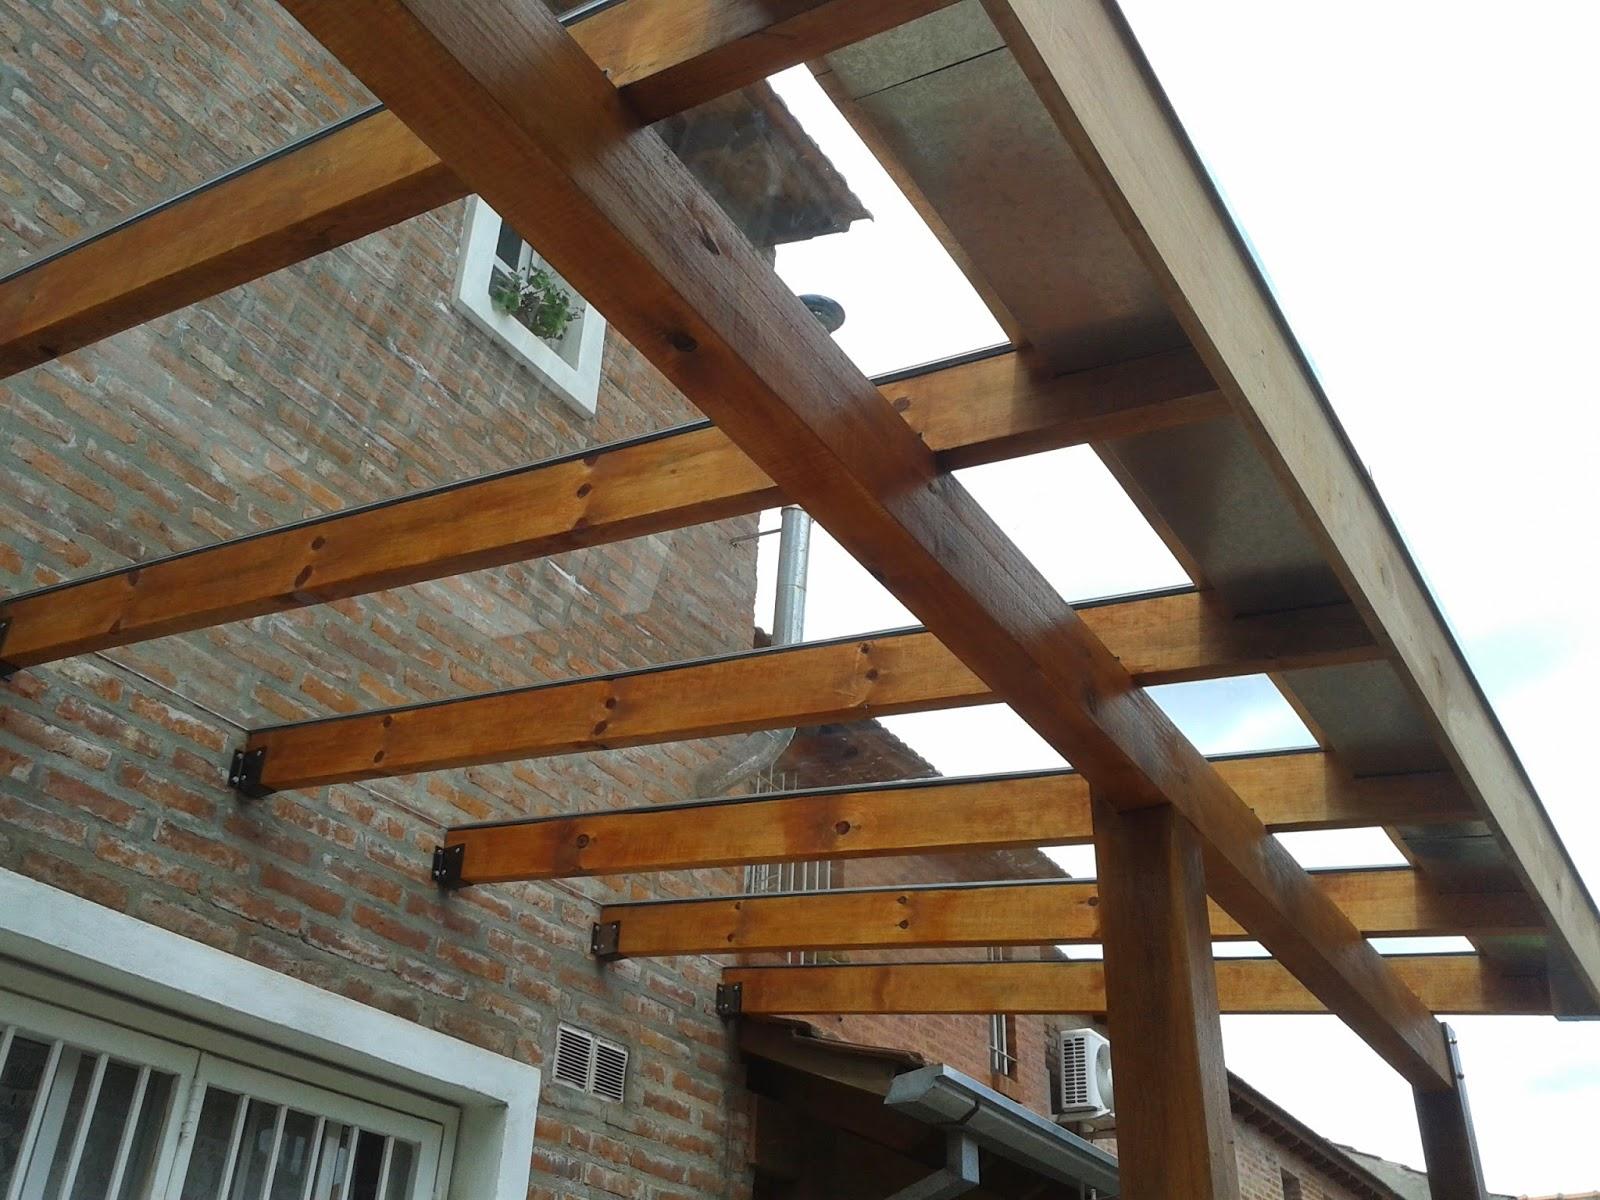 Zinka techos pergolas de madera y metalicas for Terminaciones de techos interiores